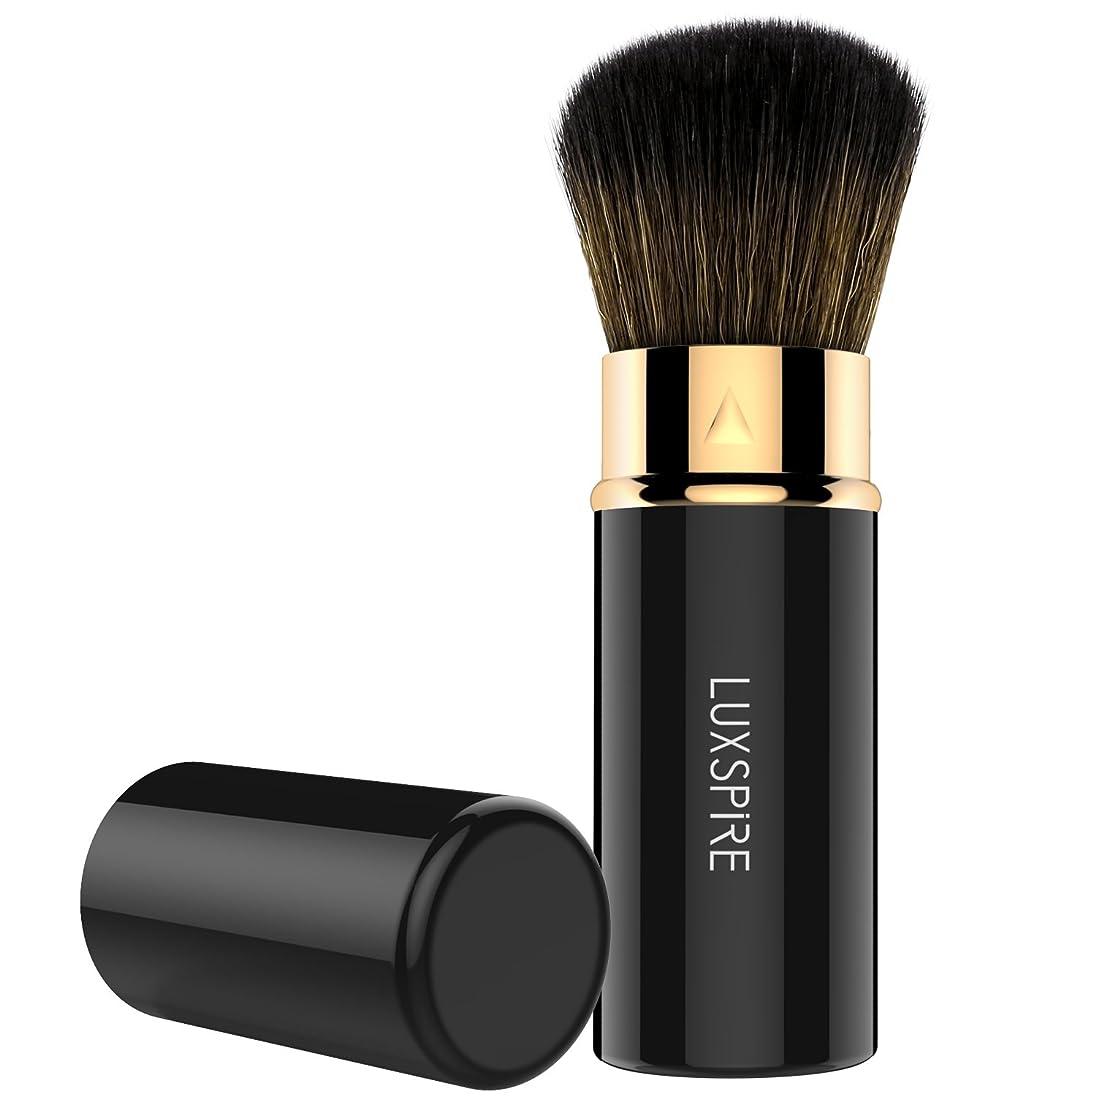 ほんの子羊小人ファンデーションブラシ - Luxspire メイクブラシ 伸縮可能 防塵でき 化粧筆 コスメブラシ 繊細な人工毛 毛質やわらかい 肌に優しい